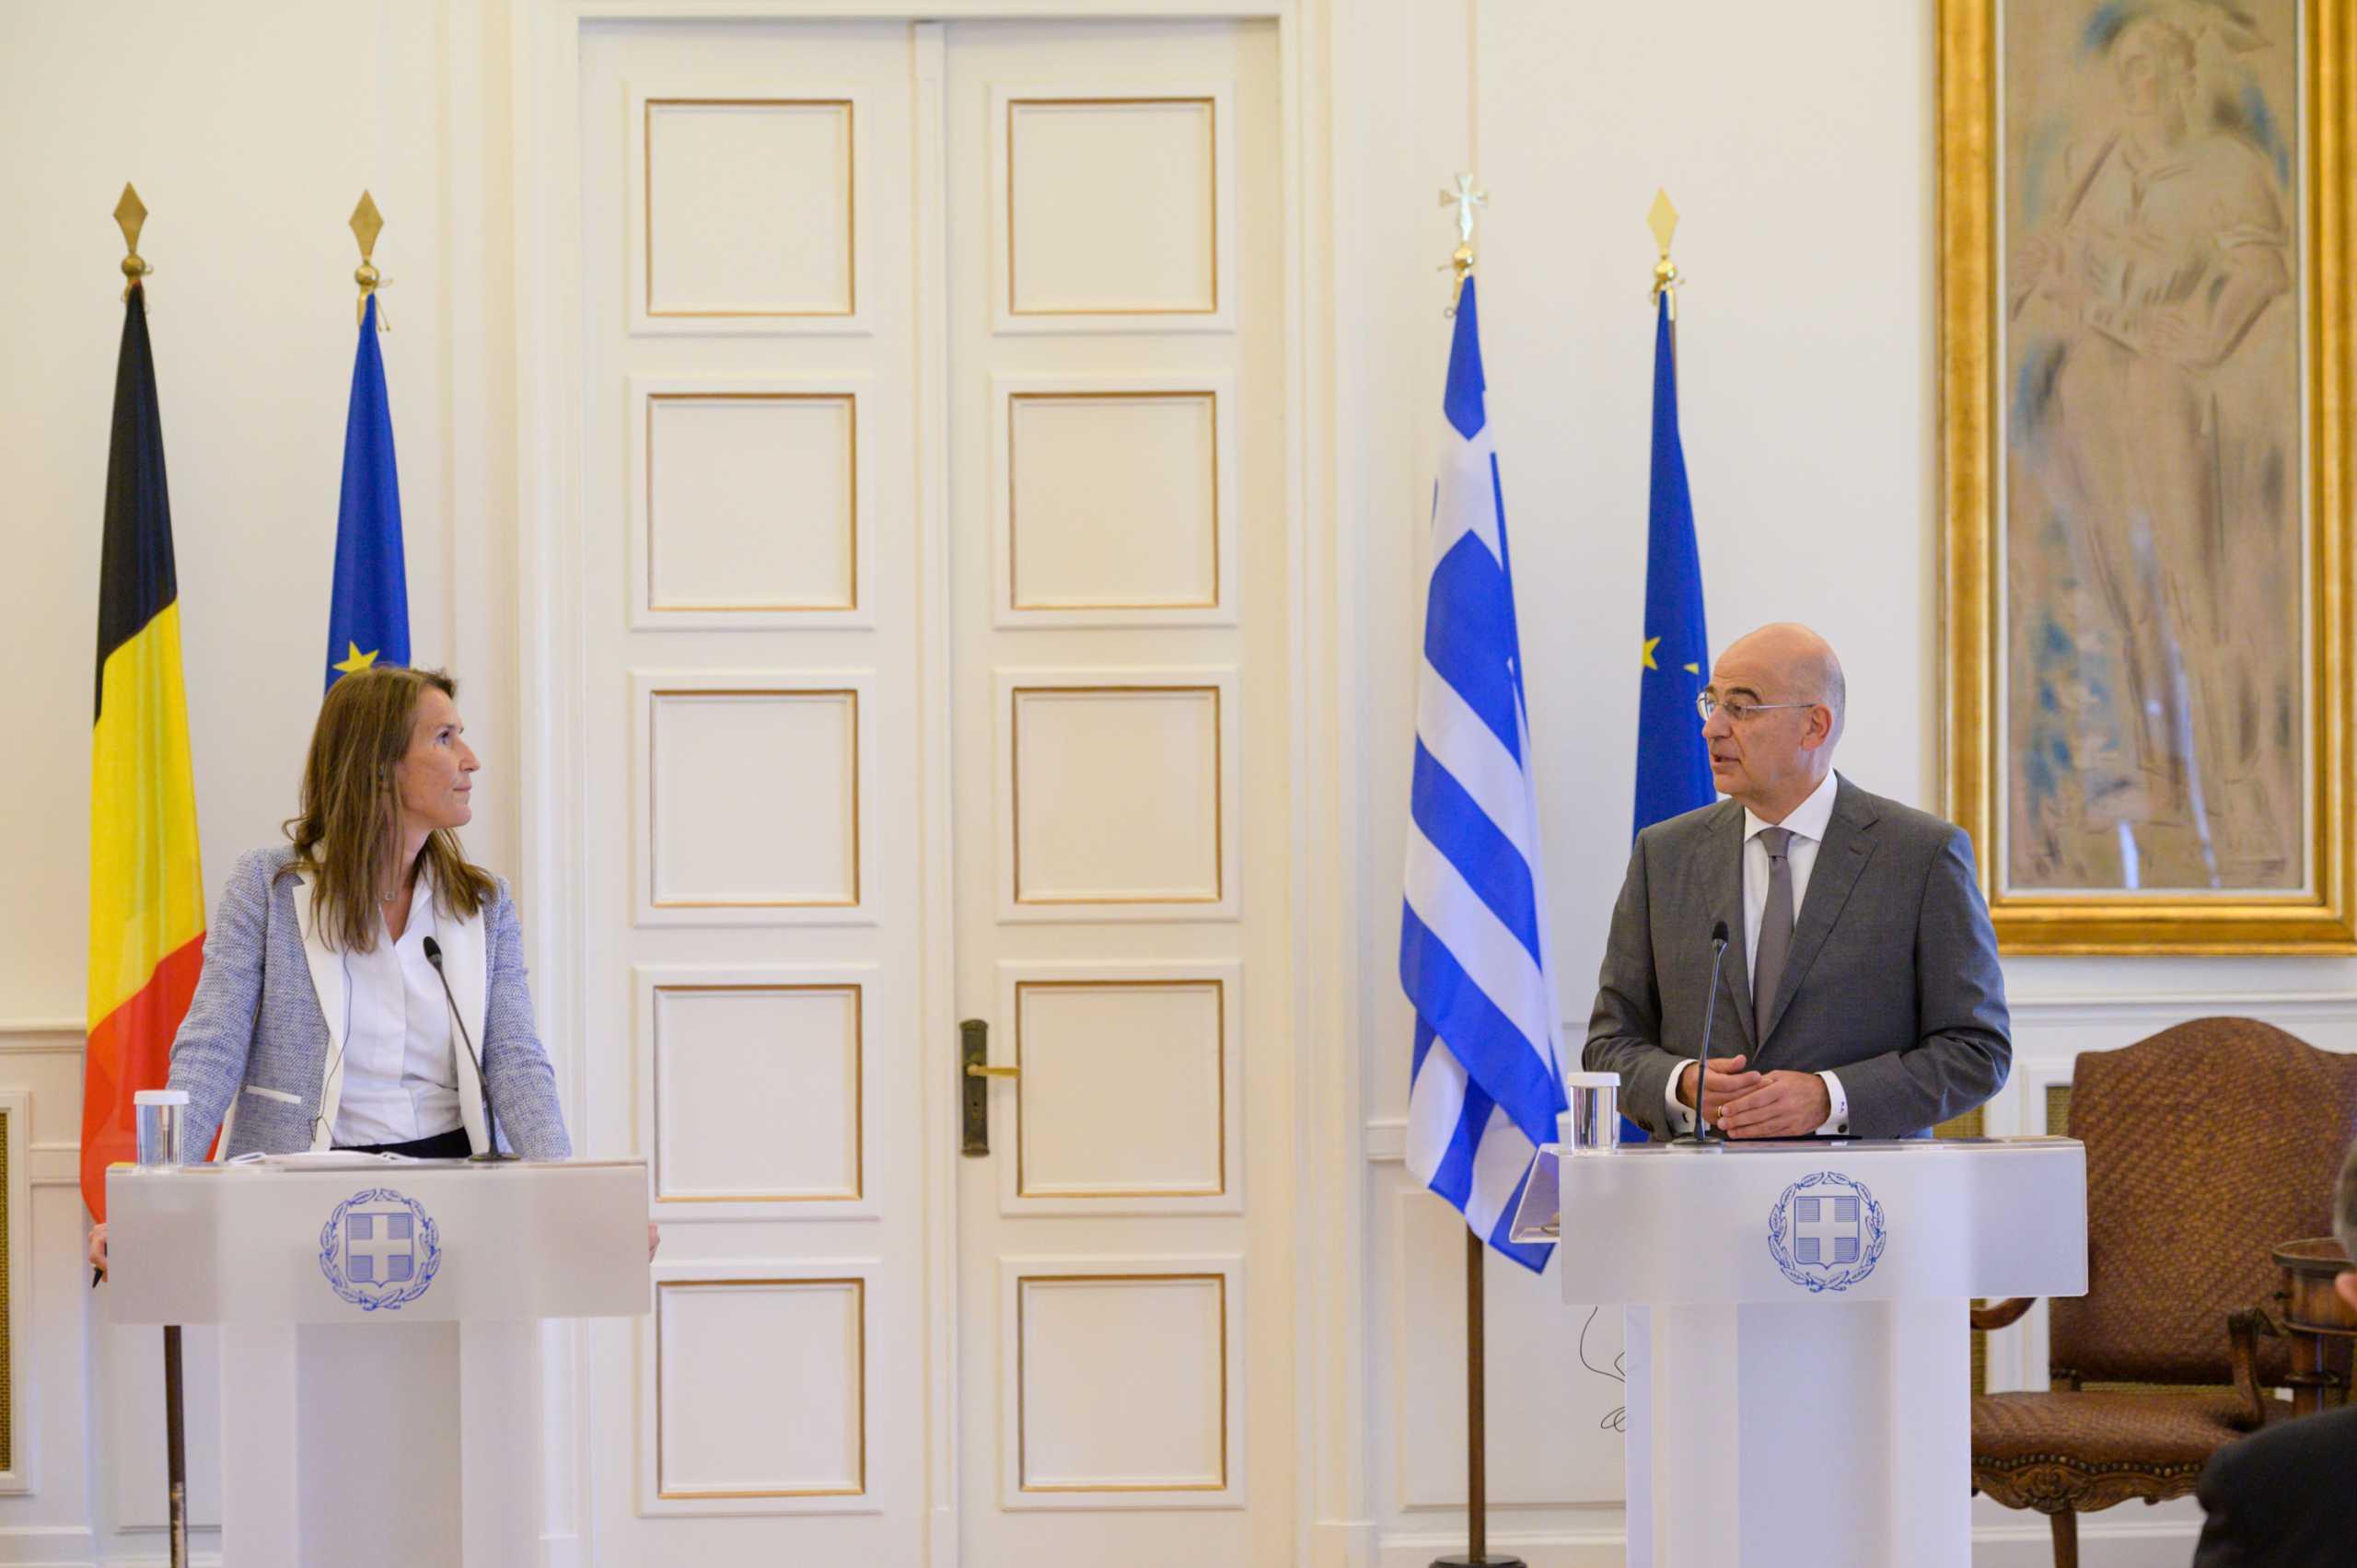 Πλήρης στήριξη Βελγίου στην Ελλάδα για τα ζητήματα της ανατολικής Μεσογείου